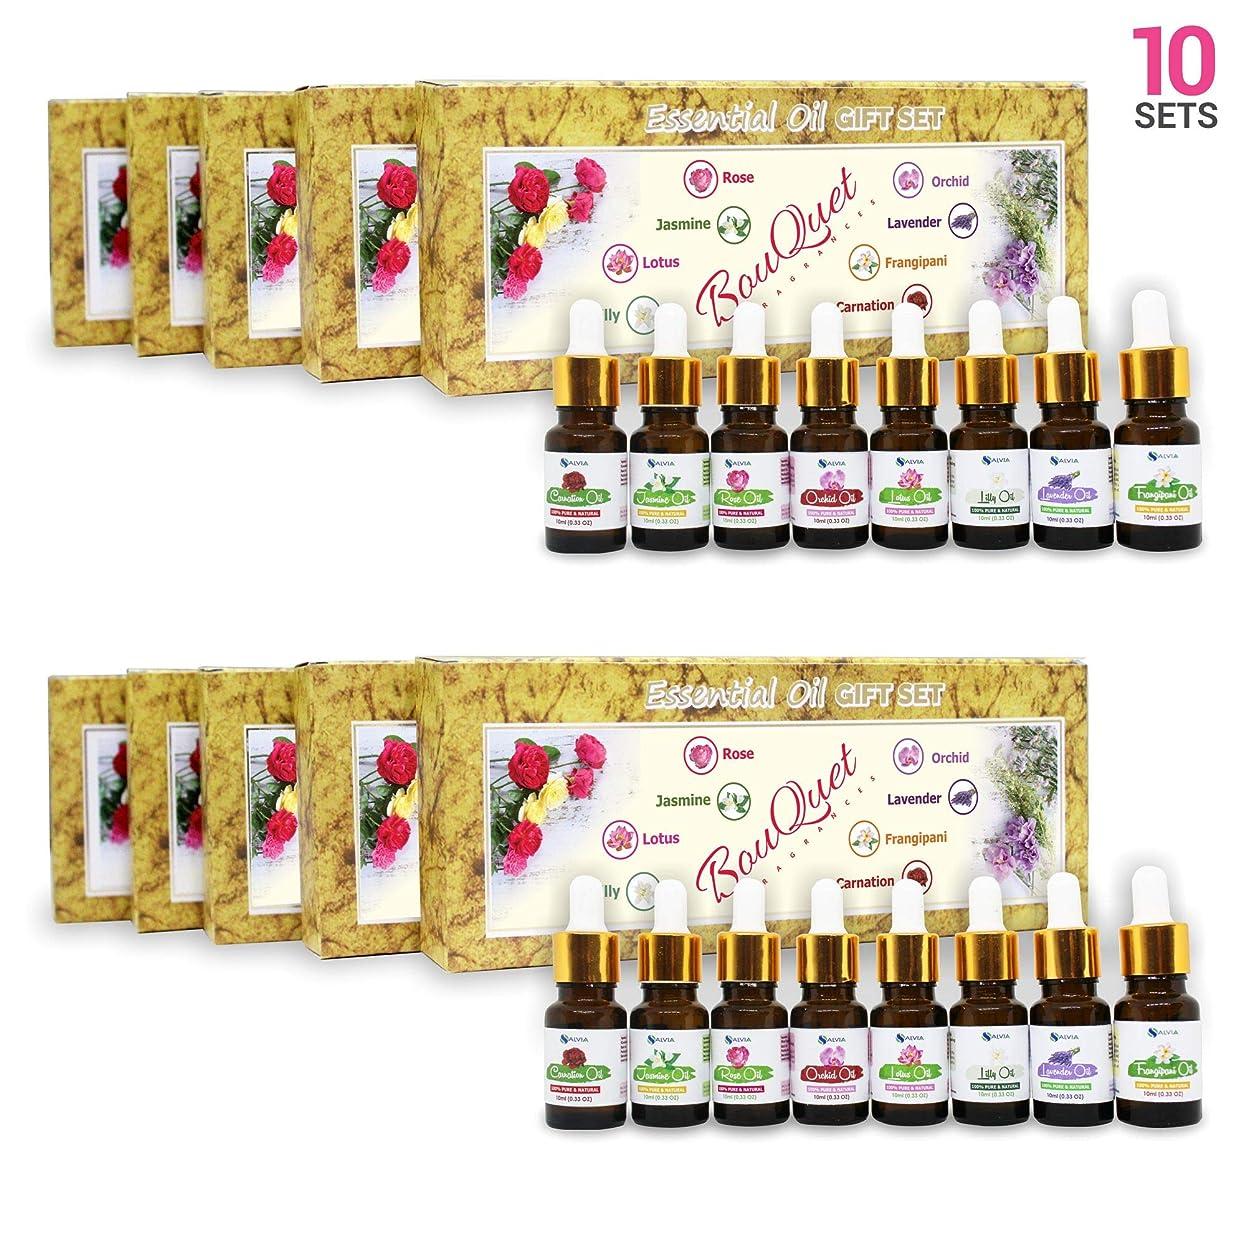 蒸留出会いボタンAromatherapy Fragrance Oils (Set of 10) - 100% Natural Therapeutic Essential Oils, 10ml each (Rose, Jasmine, Lotus, Lilly, Orchid, Lavender, Frangipani, Carnation) Express Shipping